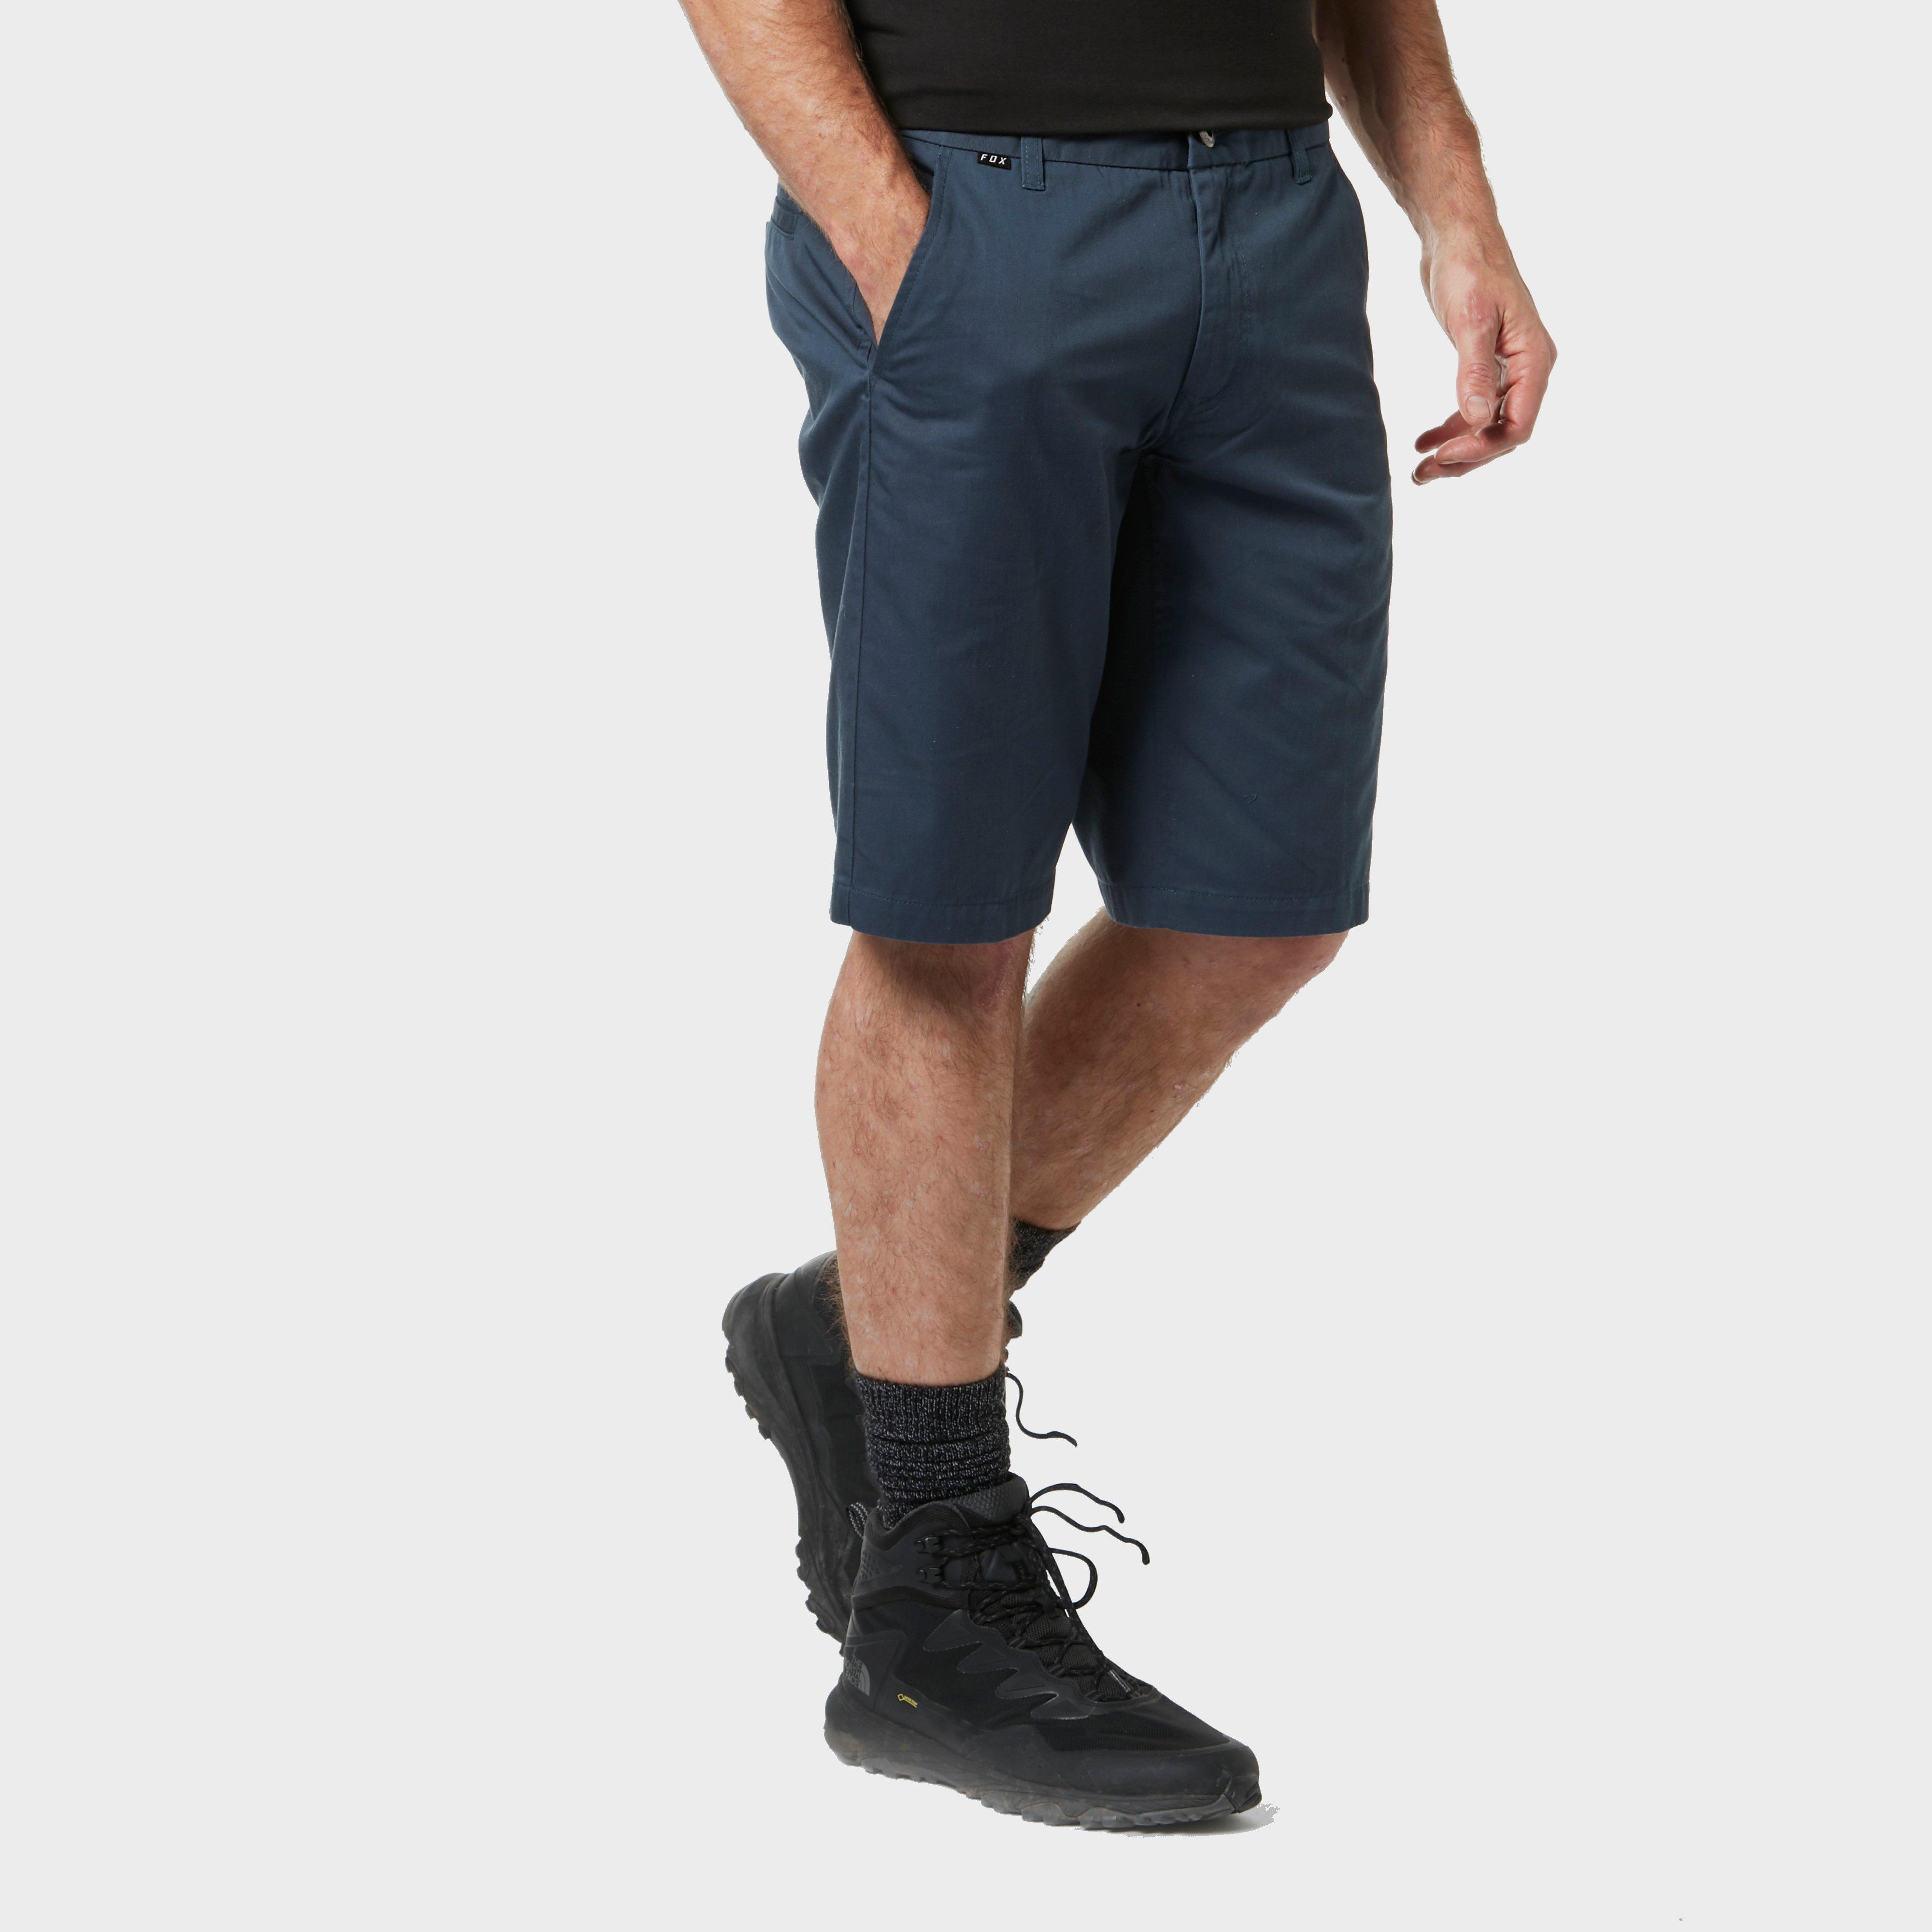 FOX Fox Mens Essex Shorts - Navy, Navy